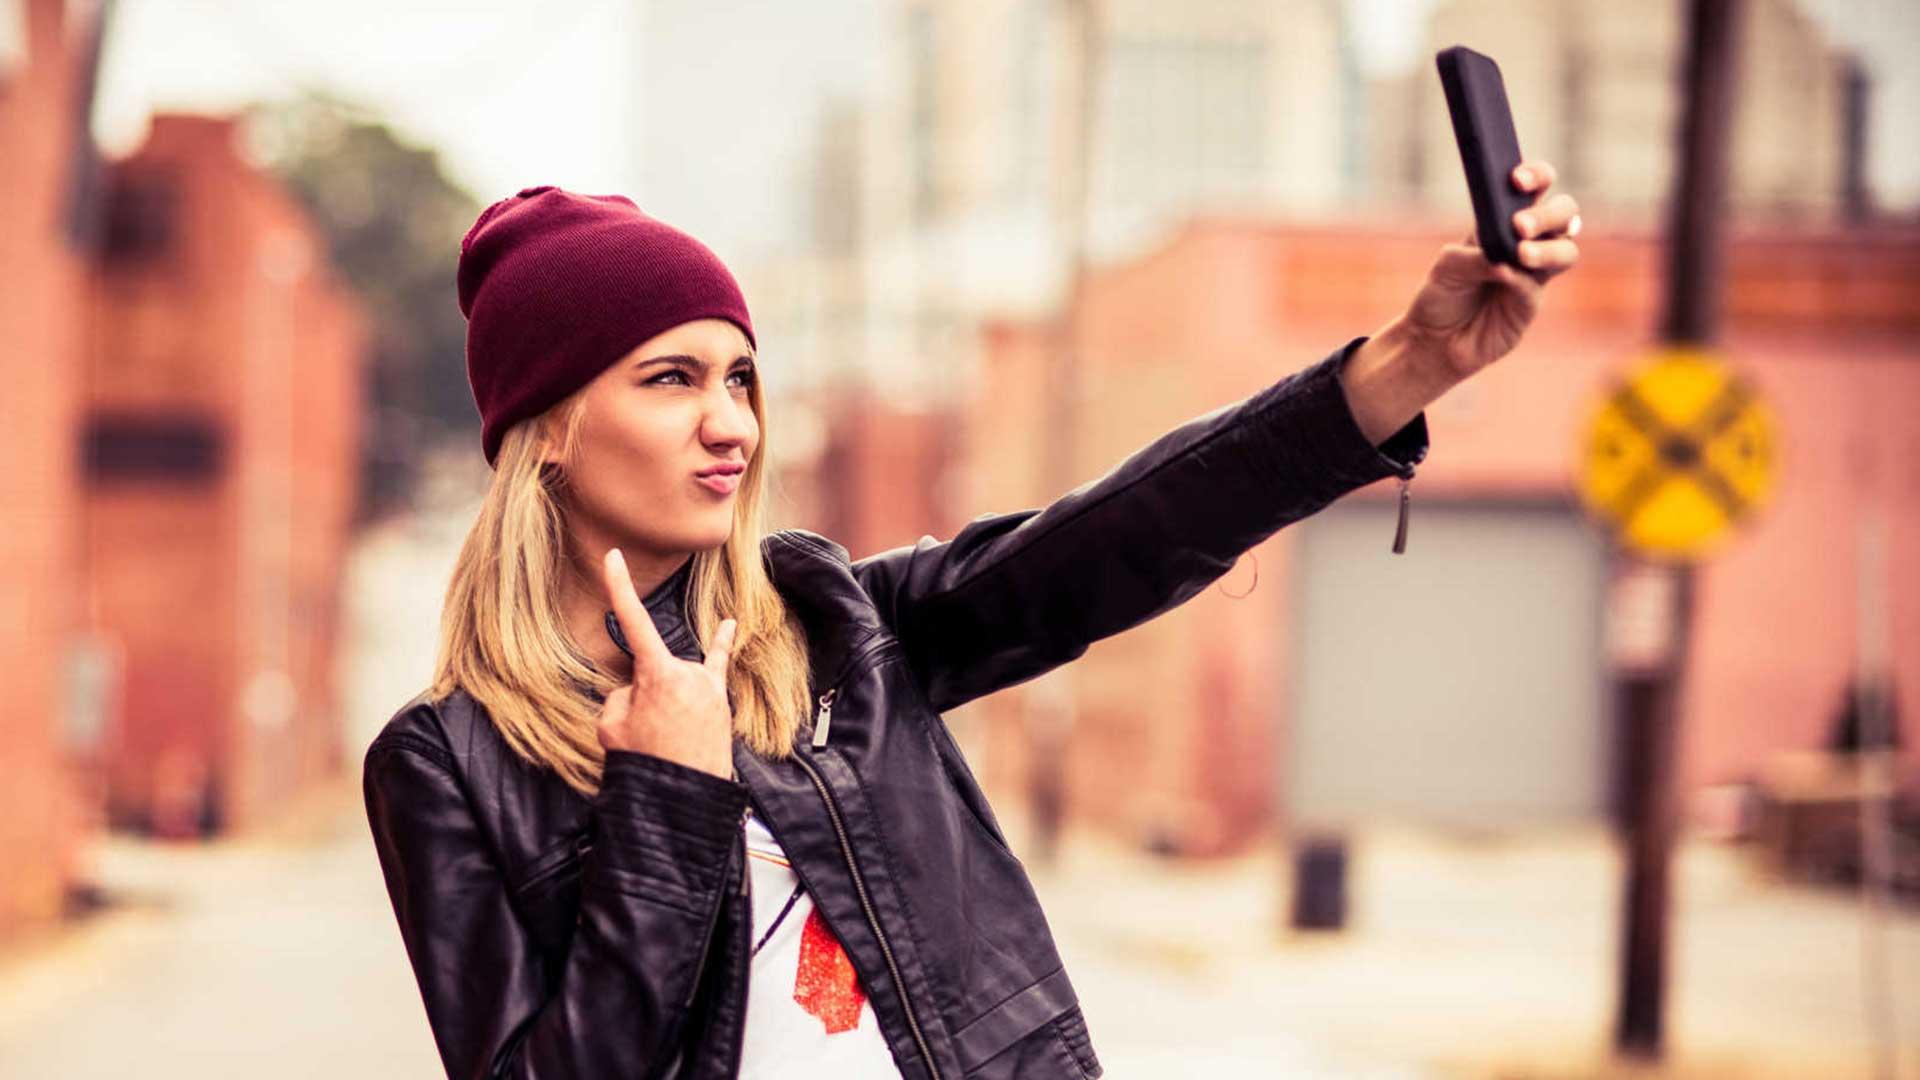 Una selfie subida en las redes puede ser un problema para la pareja